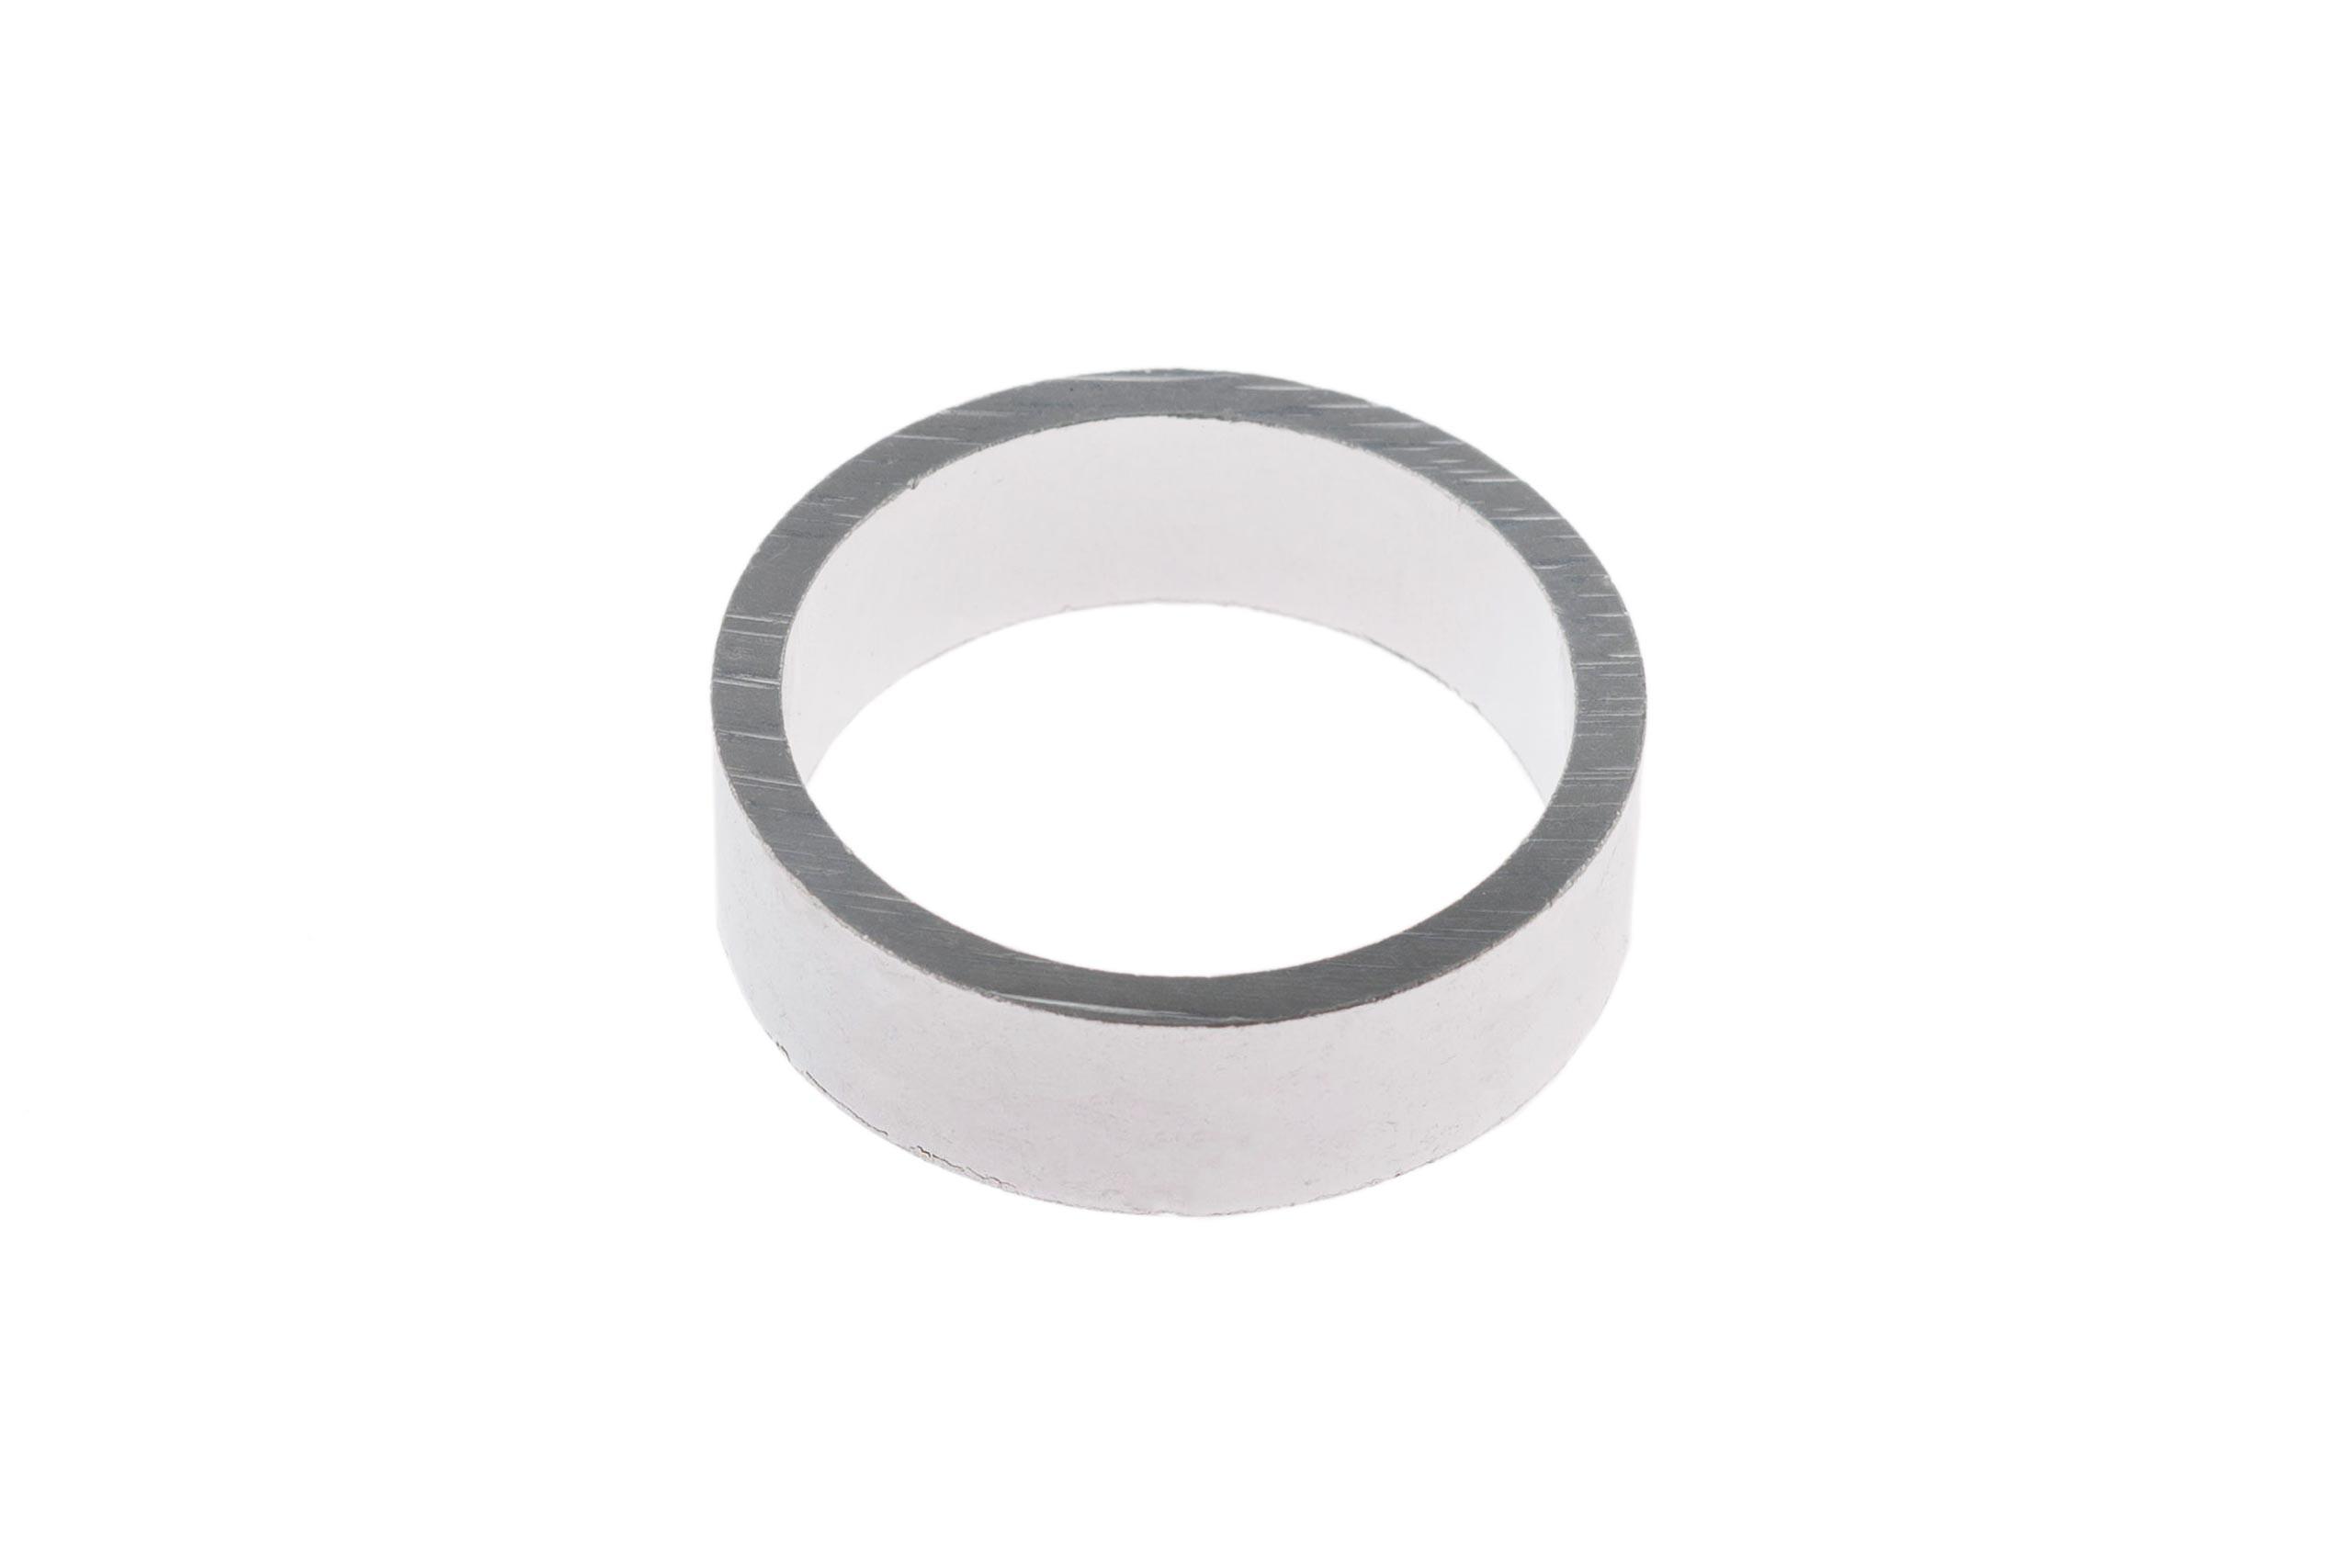 Podkładka dystansowa VP srebrna 10mm